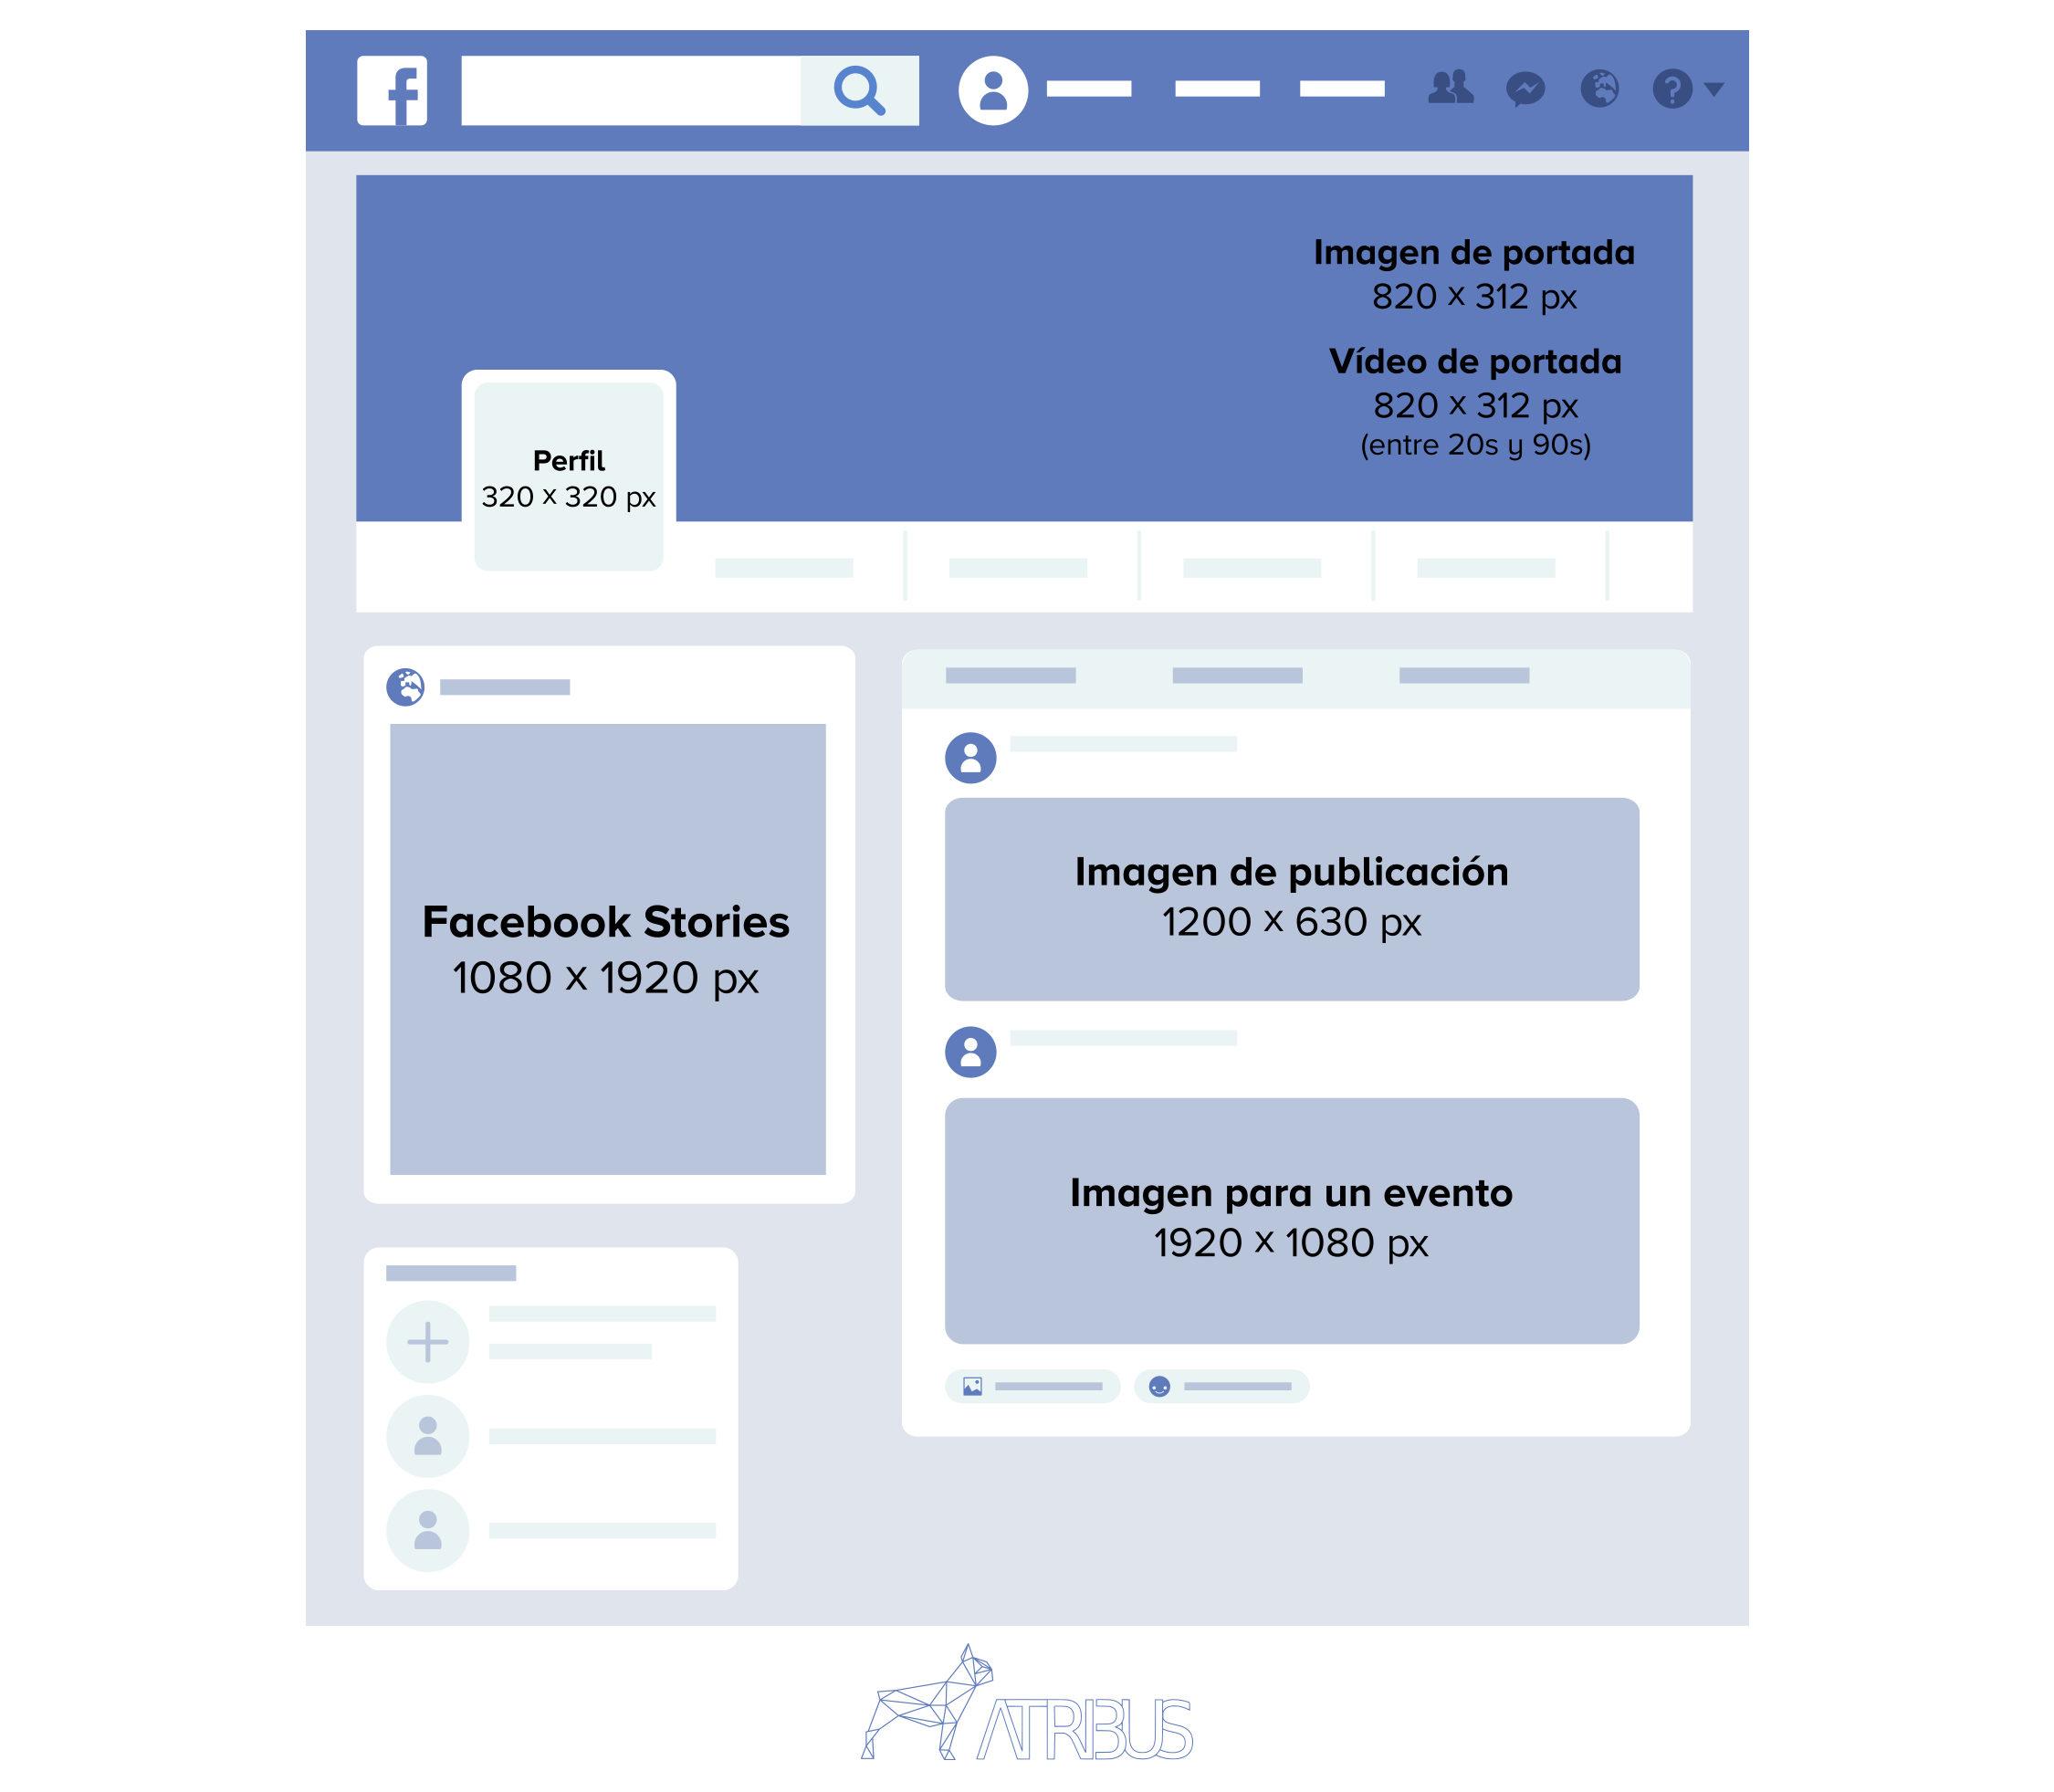 Guí tamaño de imágenes en Facebook 2019